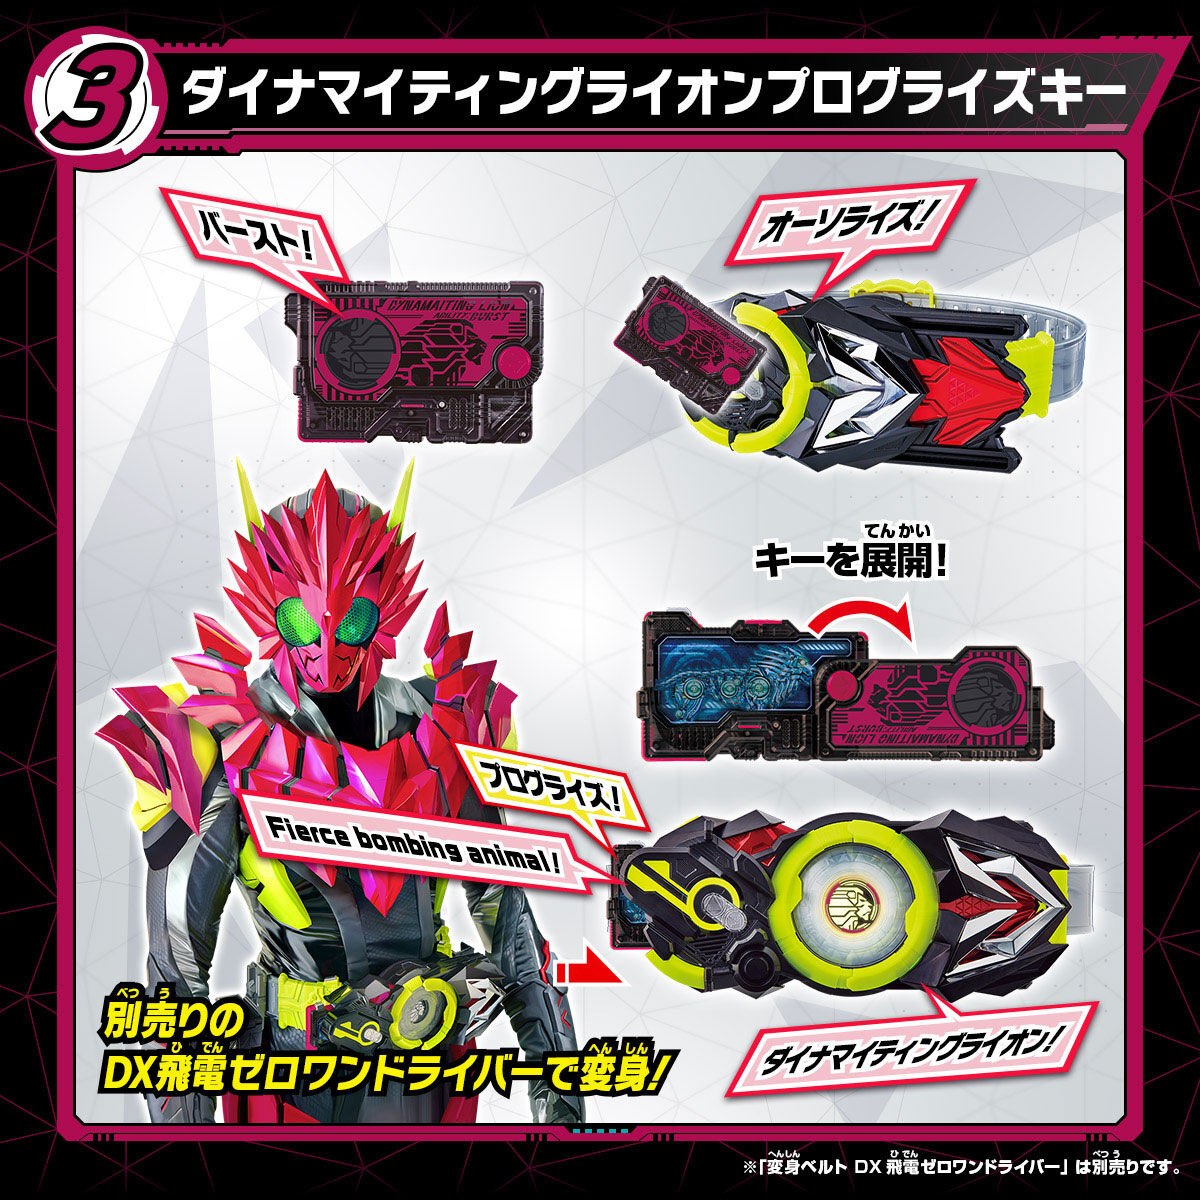 【限定販売】仮面ライダーゼロワン『DXプログライズキーセット03』変身なりきり-005